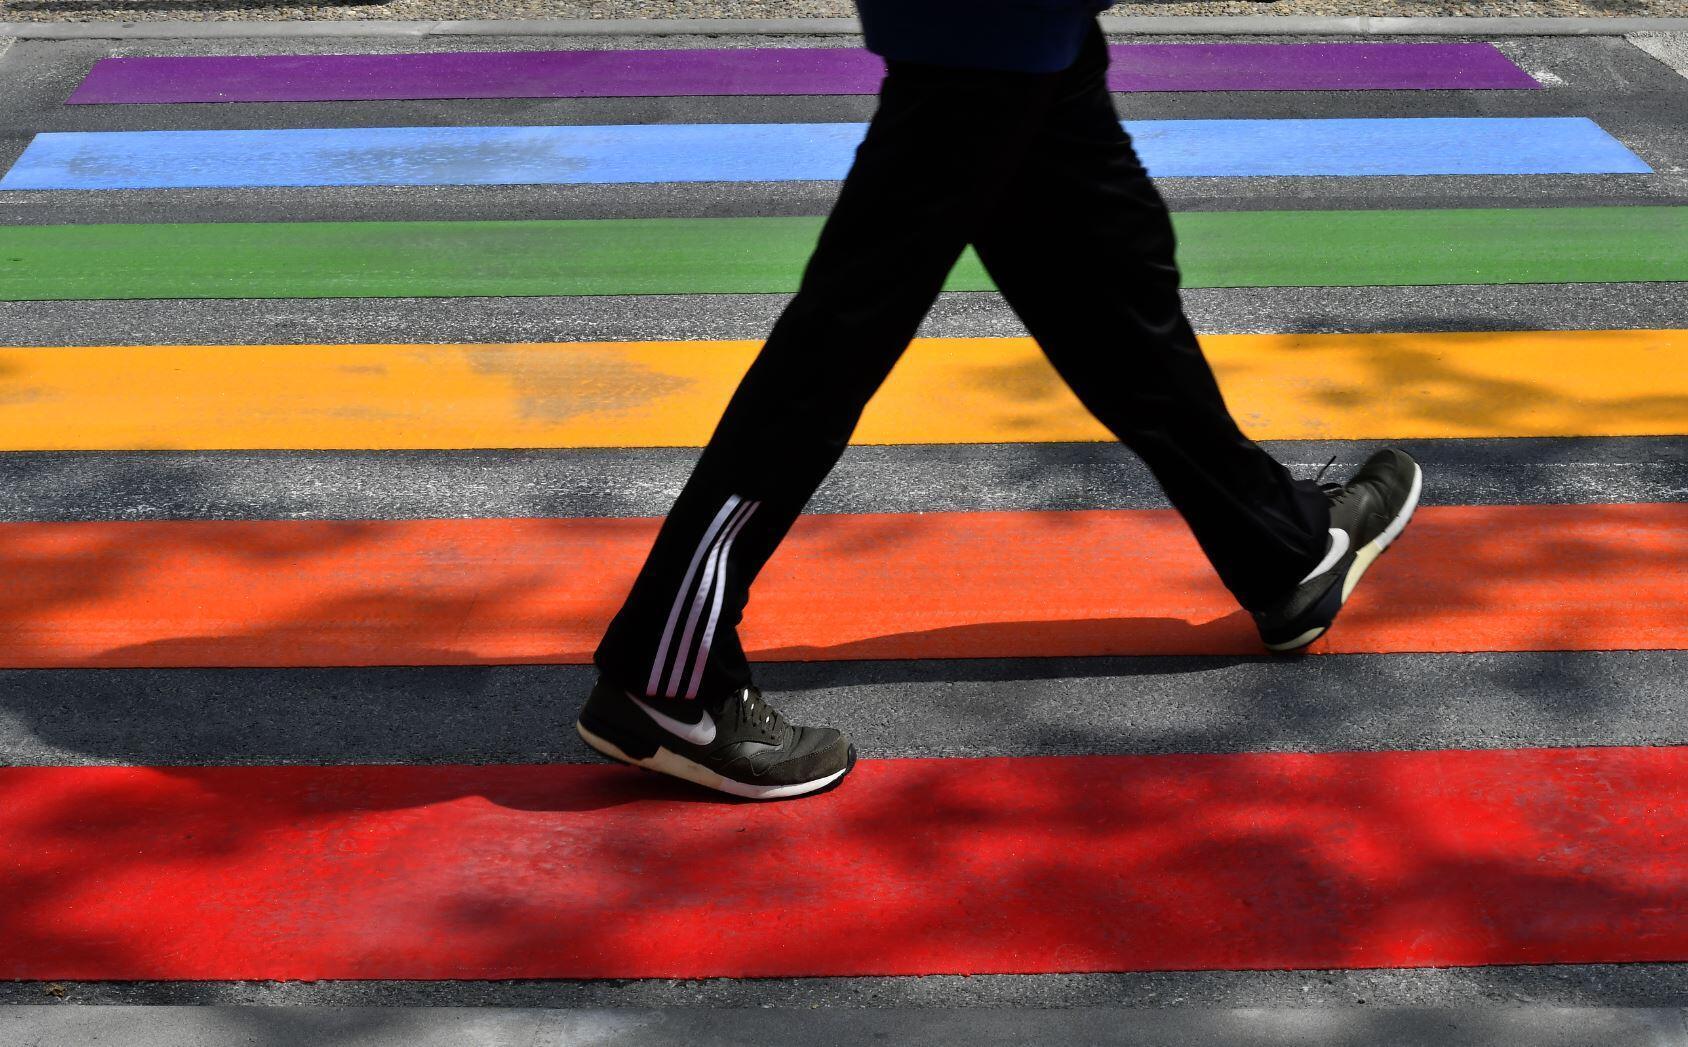 Под Парижем трех молодых людей арестовали по обвинению в покушении на убийство на почве ненависти к ЛГБТ